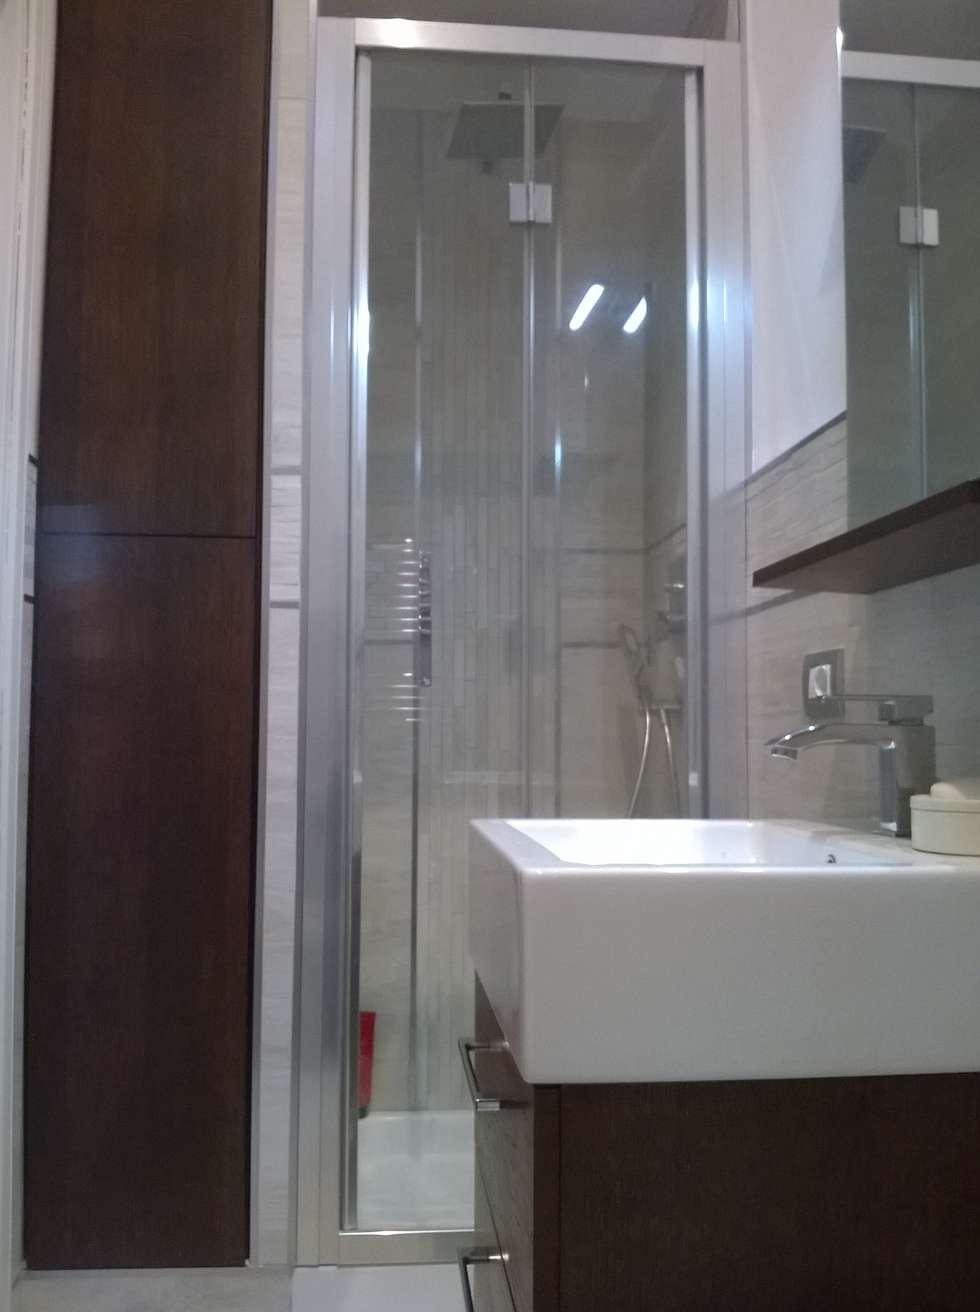 armadio a muro su misura e doccia: Bagno in stile in stile Moderno di HAPPY HABITAT - STUDIO DI ARCHITETTURA SABRINA AURELI